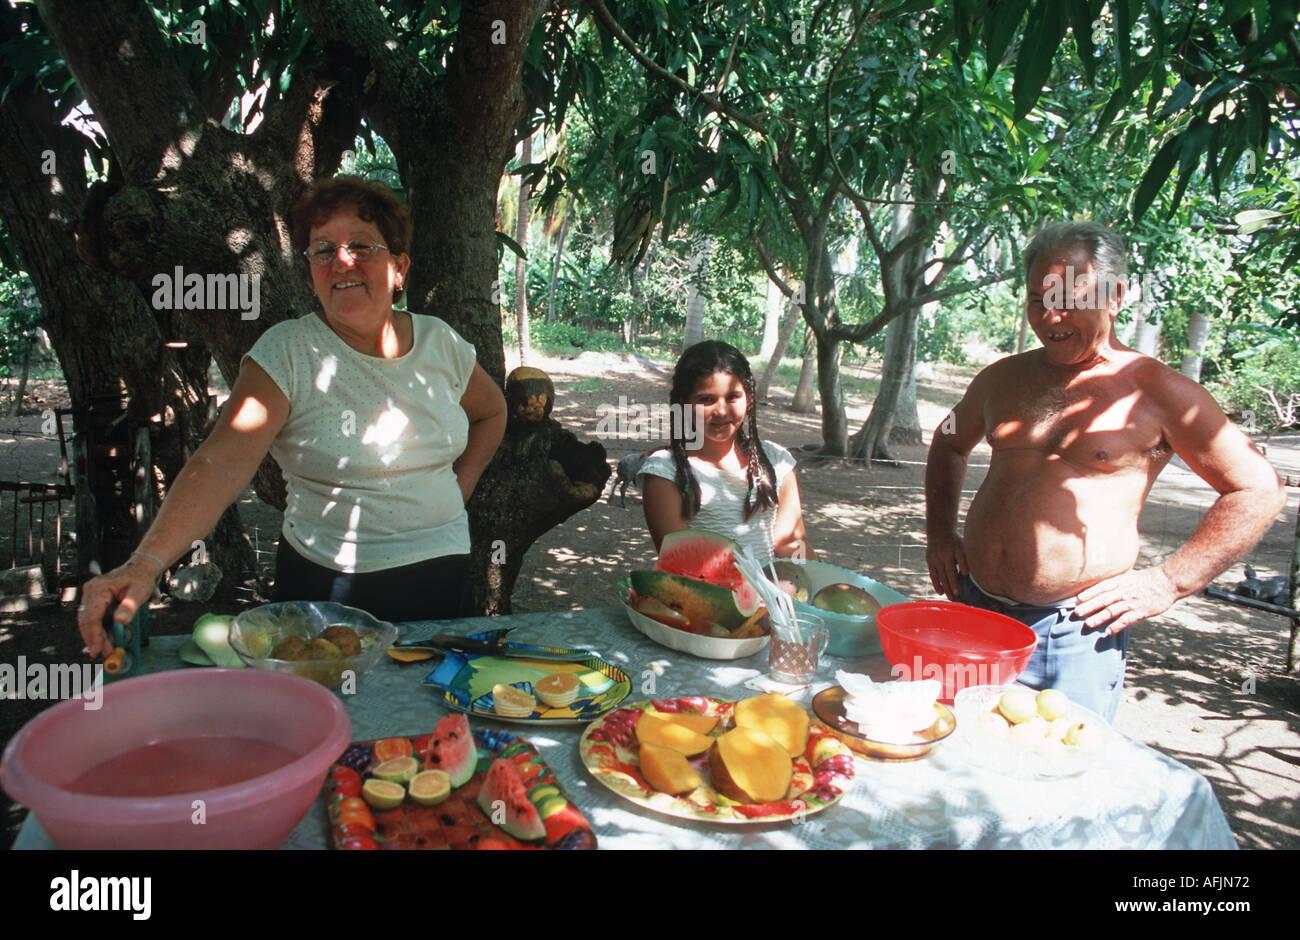 Farming family offering a spread of tropical fruits Holgiun Cuba - Stock Image